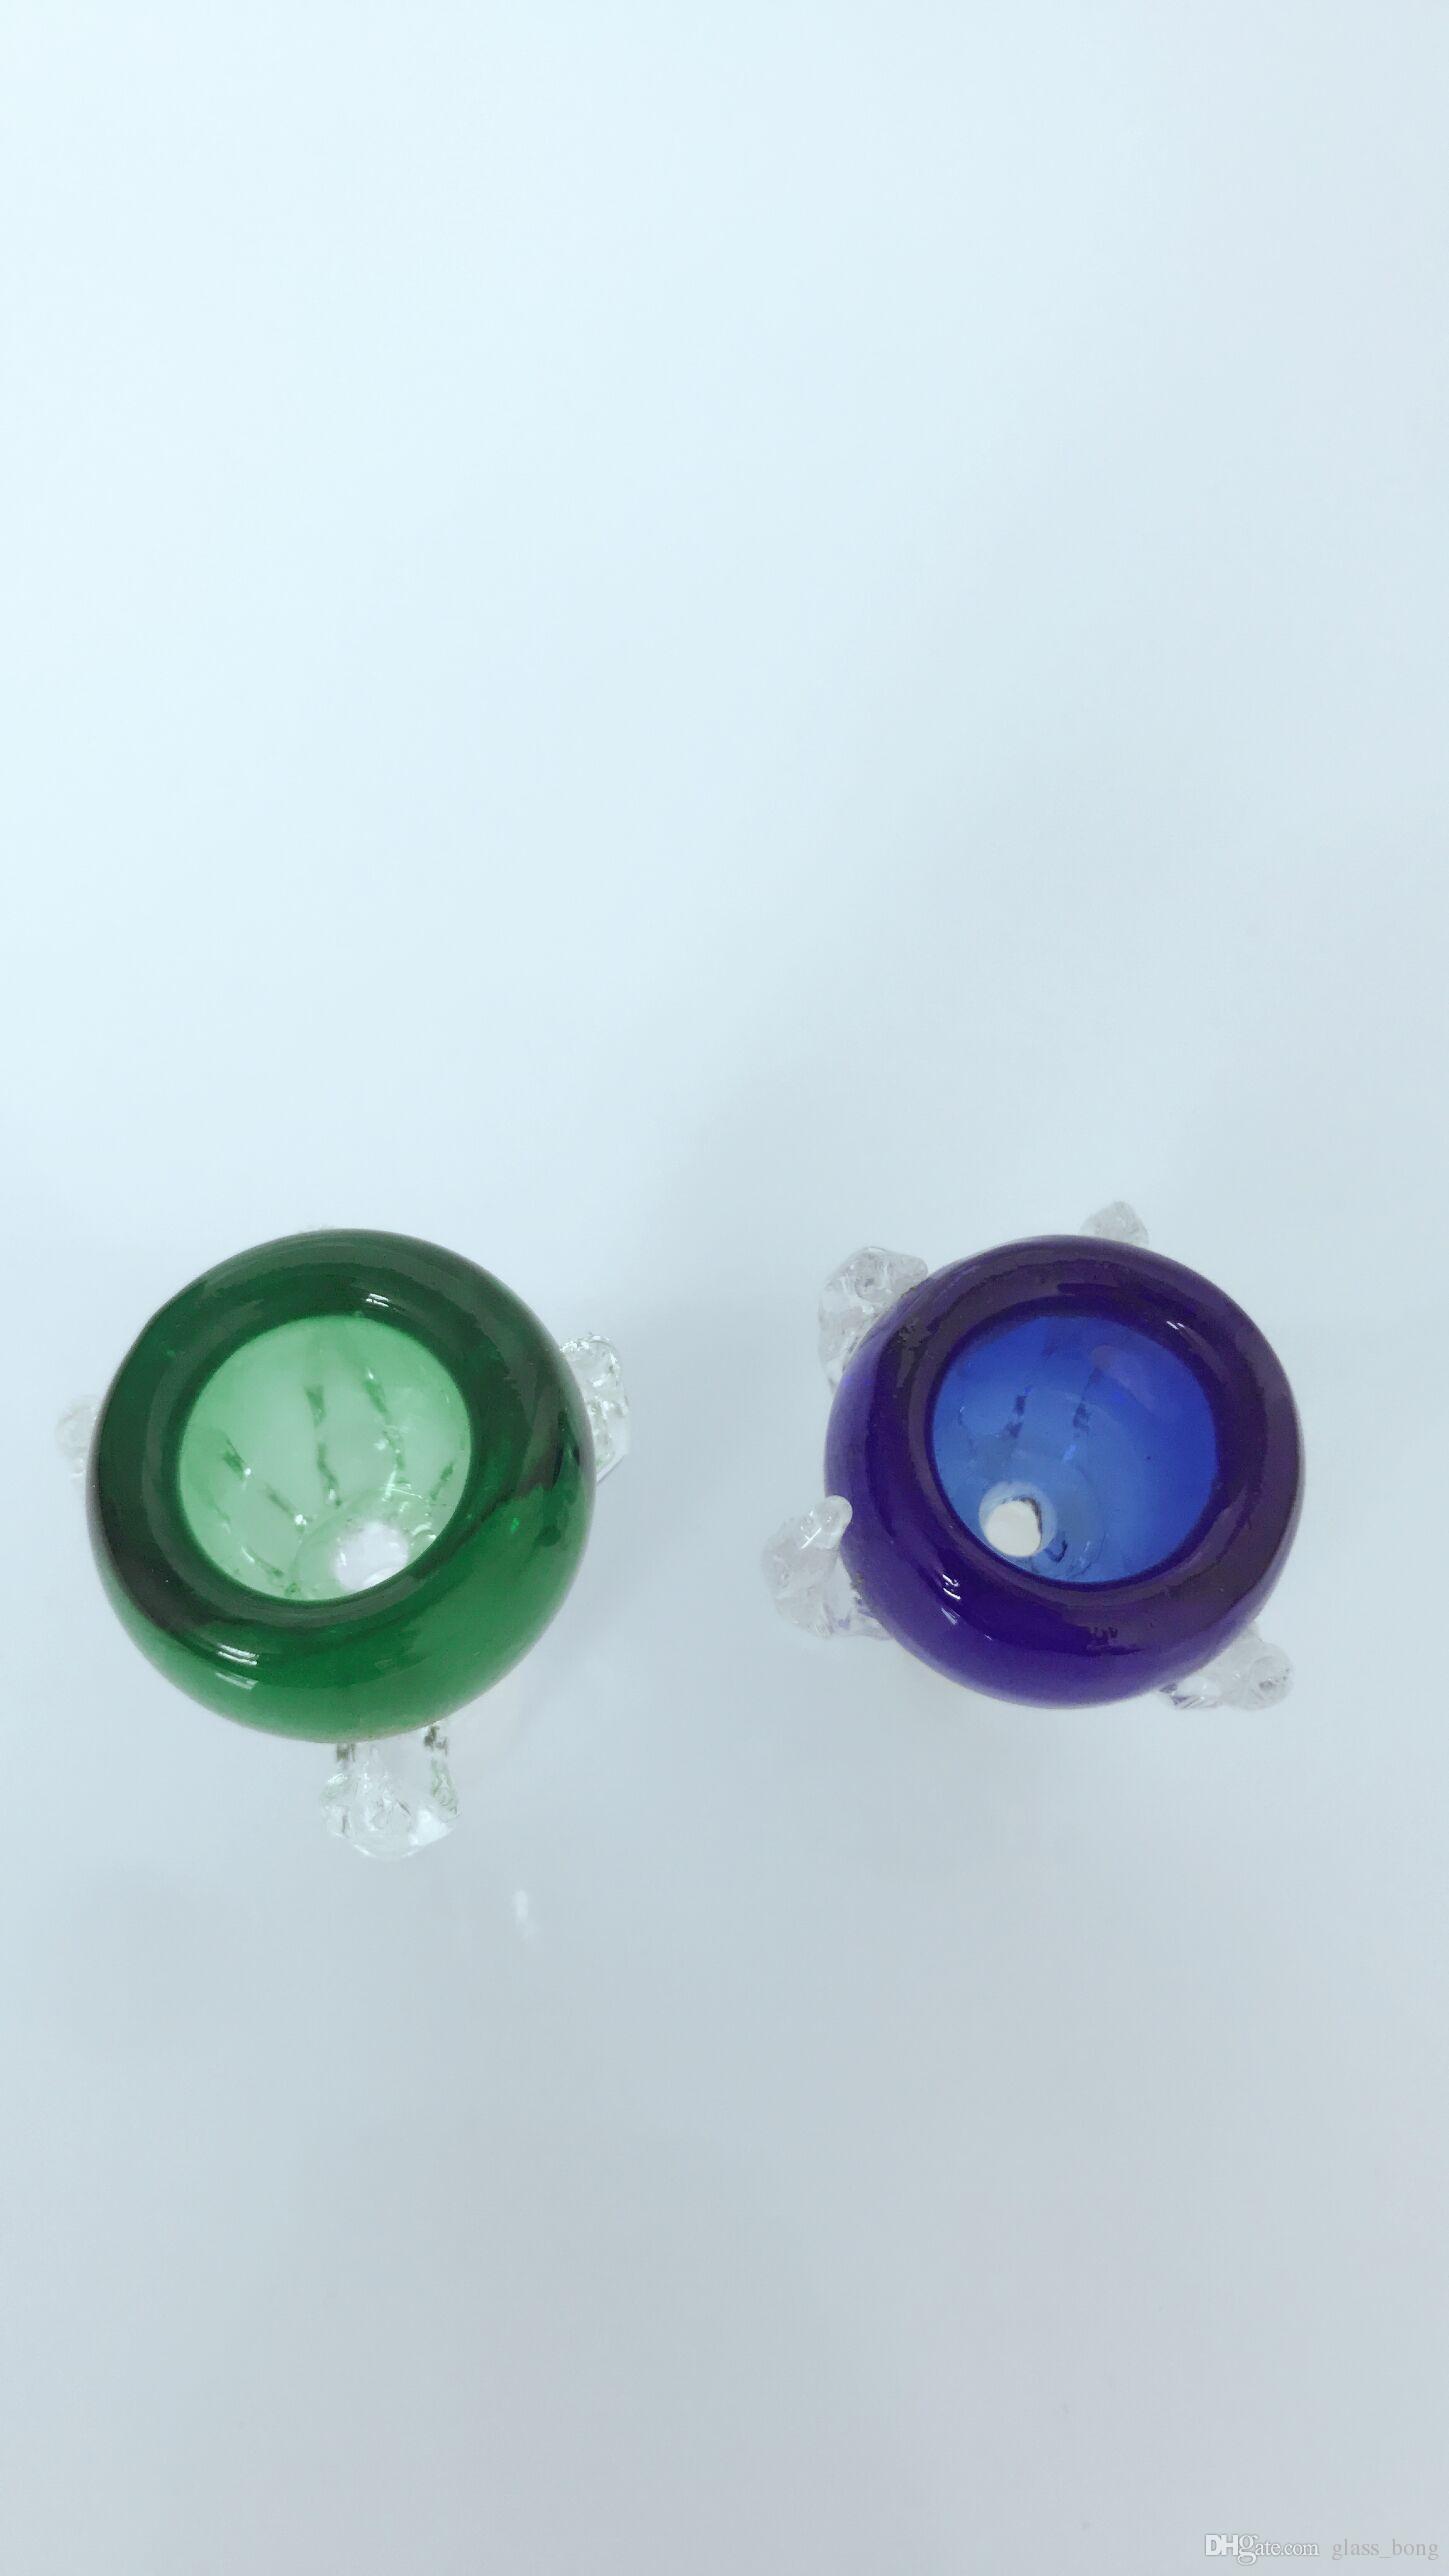 Recipiente de vidrio macho, 14.5 mm, 18.8 mm para plataformas petroleras, gruesas, coloridas, de alta calidad, accesorios para fumar bong